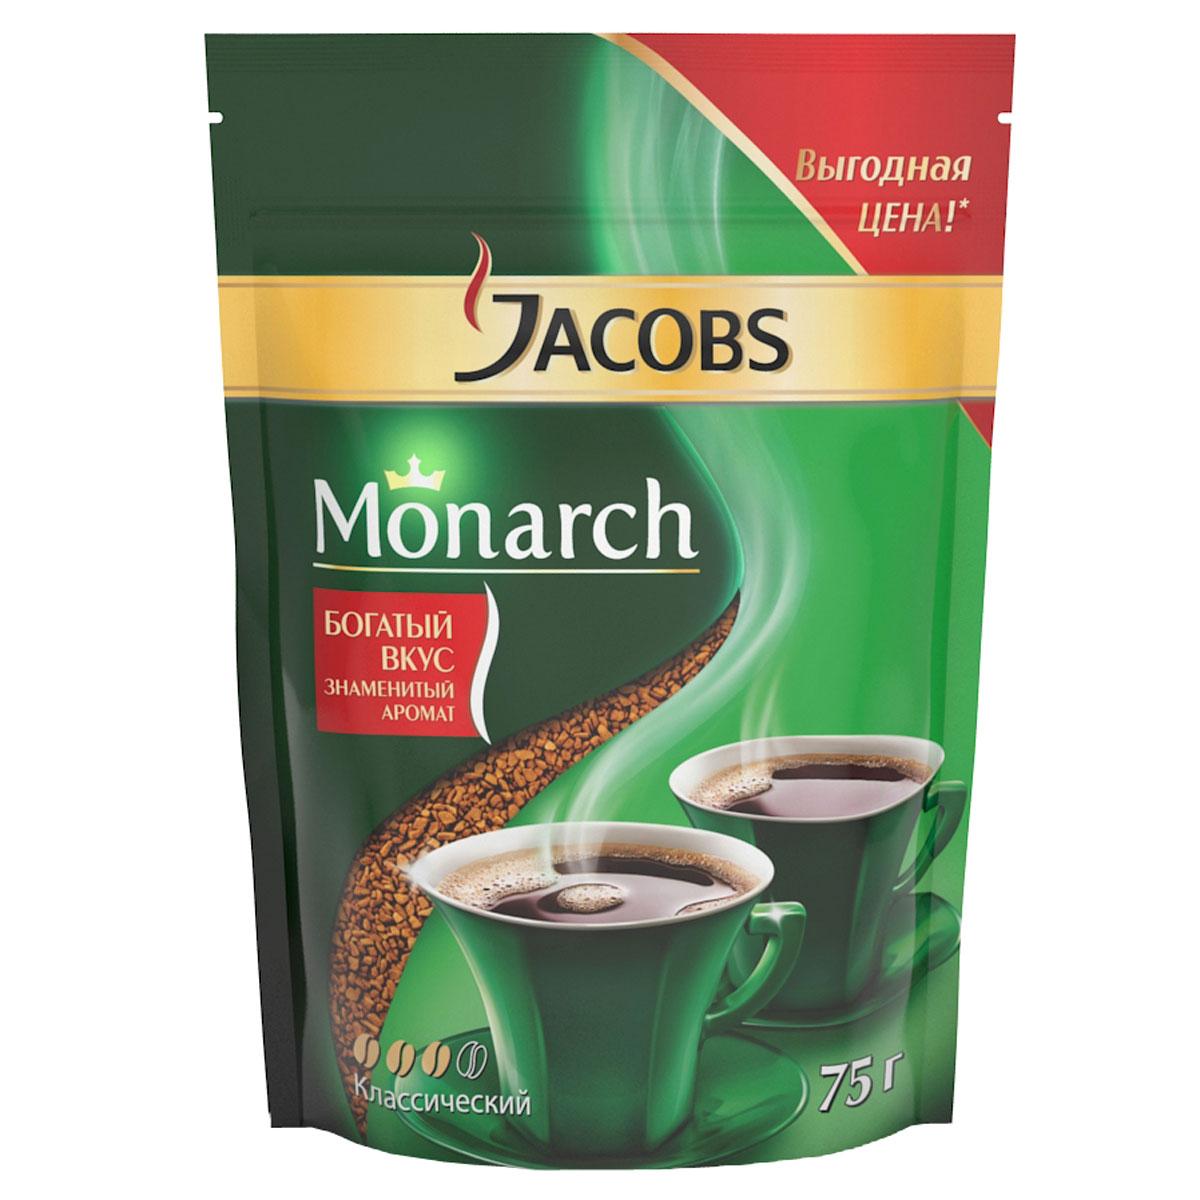 Jacobs Monarch кофе растворимый, 75 г (пакет)